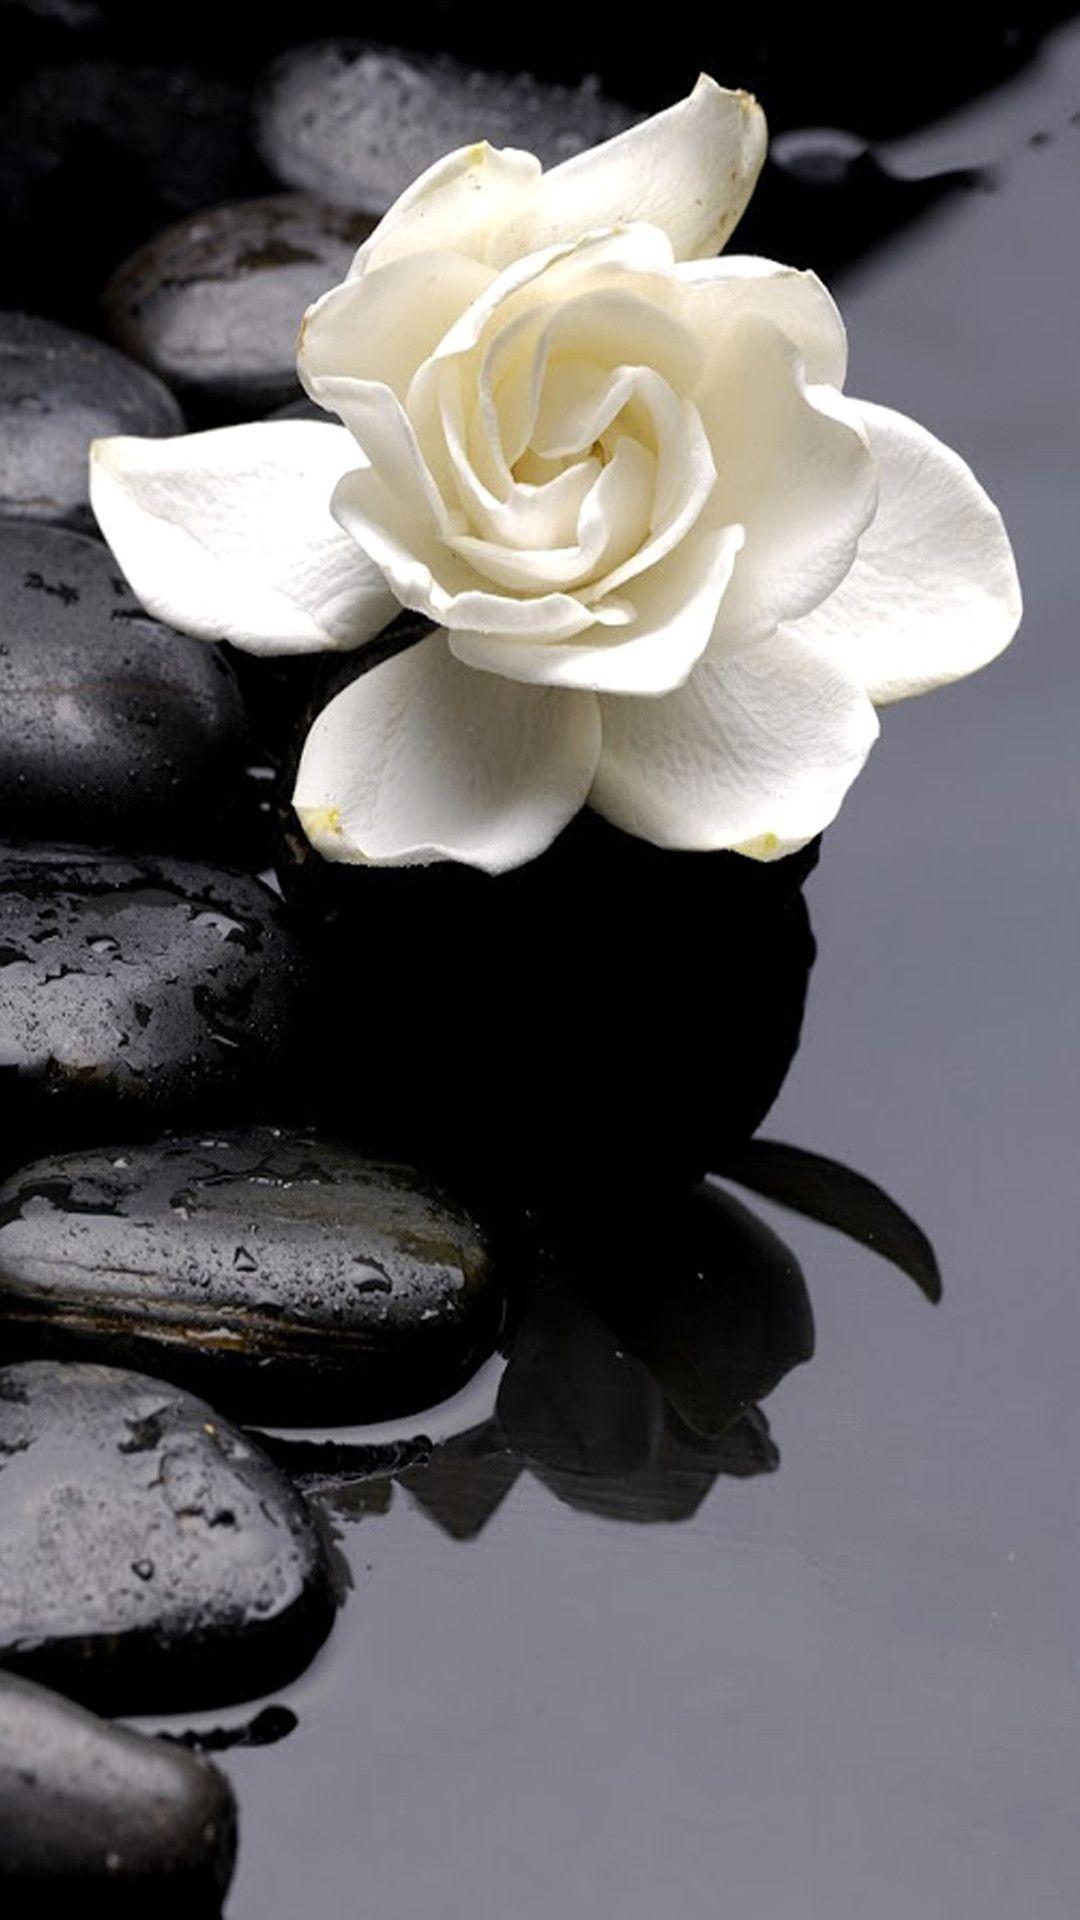 Fond D Cran Smartphone Fleur Zen 1080 1920 Gratuit Avec